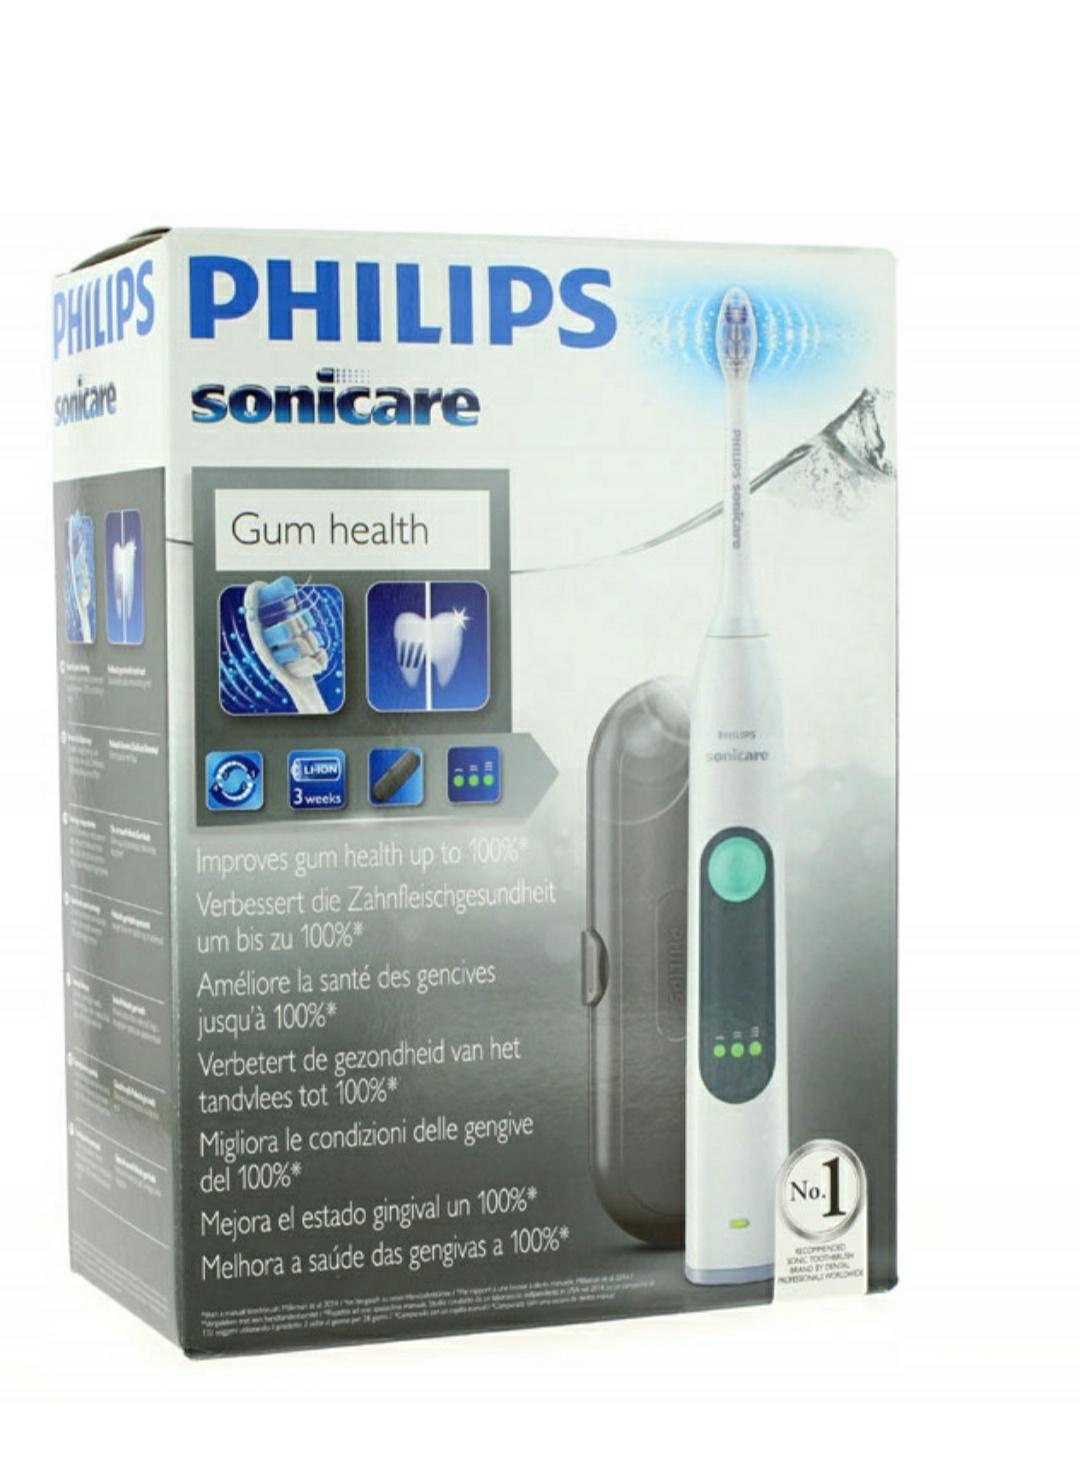 2x szczoteczki soniczne Philips HX6611/27  - 147.45 za sztukę